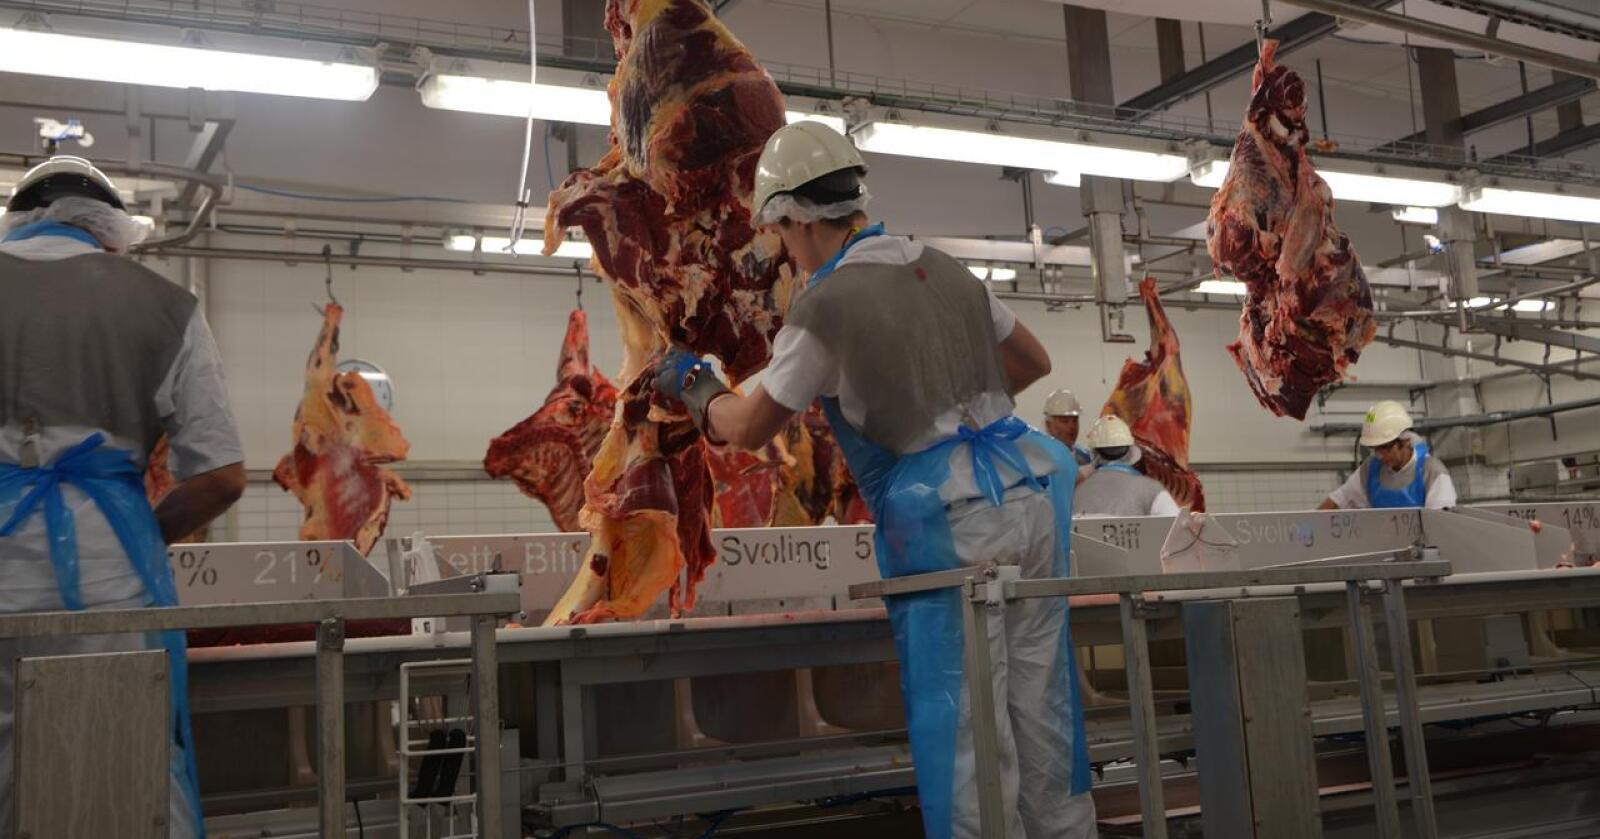 Norturas beslutning om å legge ned på Otta har skapt en mulighet for dem som ikke trenger å tenke helhetlig om landbruk og matproduksjon i hele Norge, skriver Teig Madsen. Arkivfoto av slakteriet på Otta: Anders Sandbu